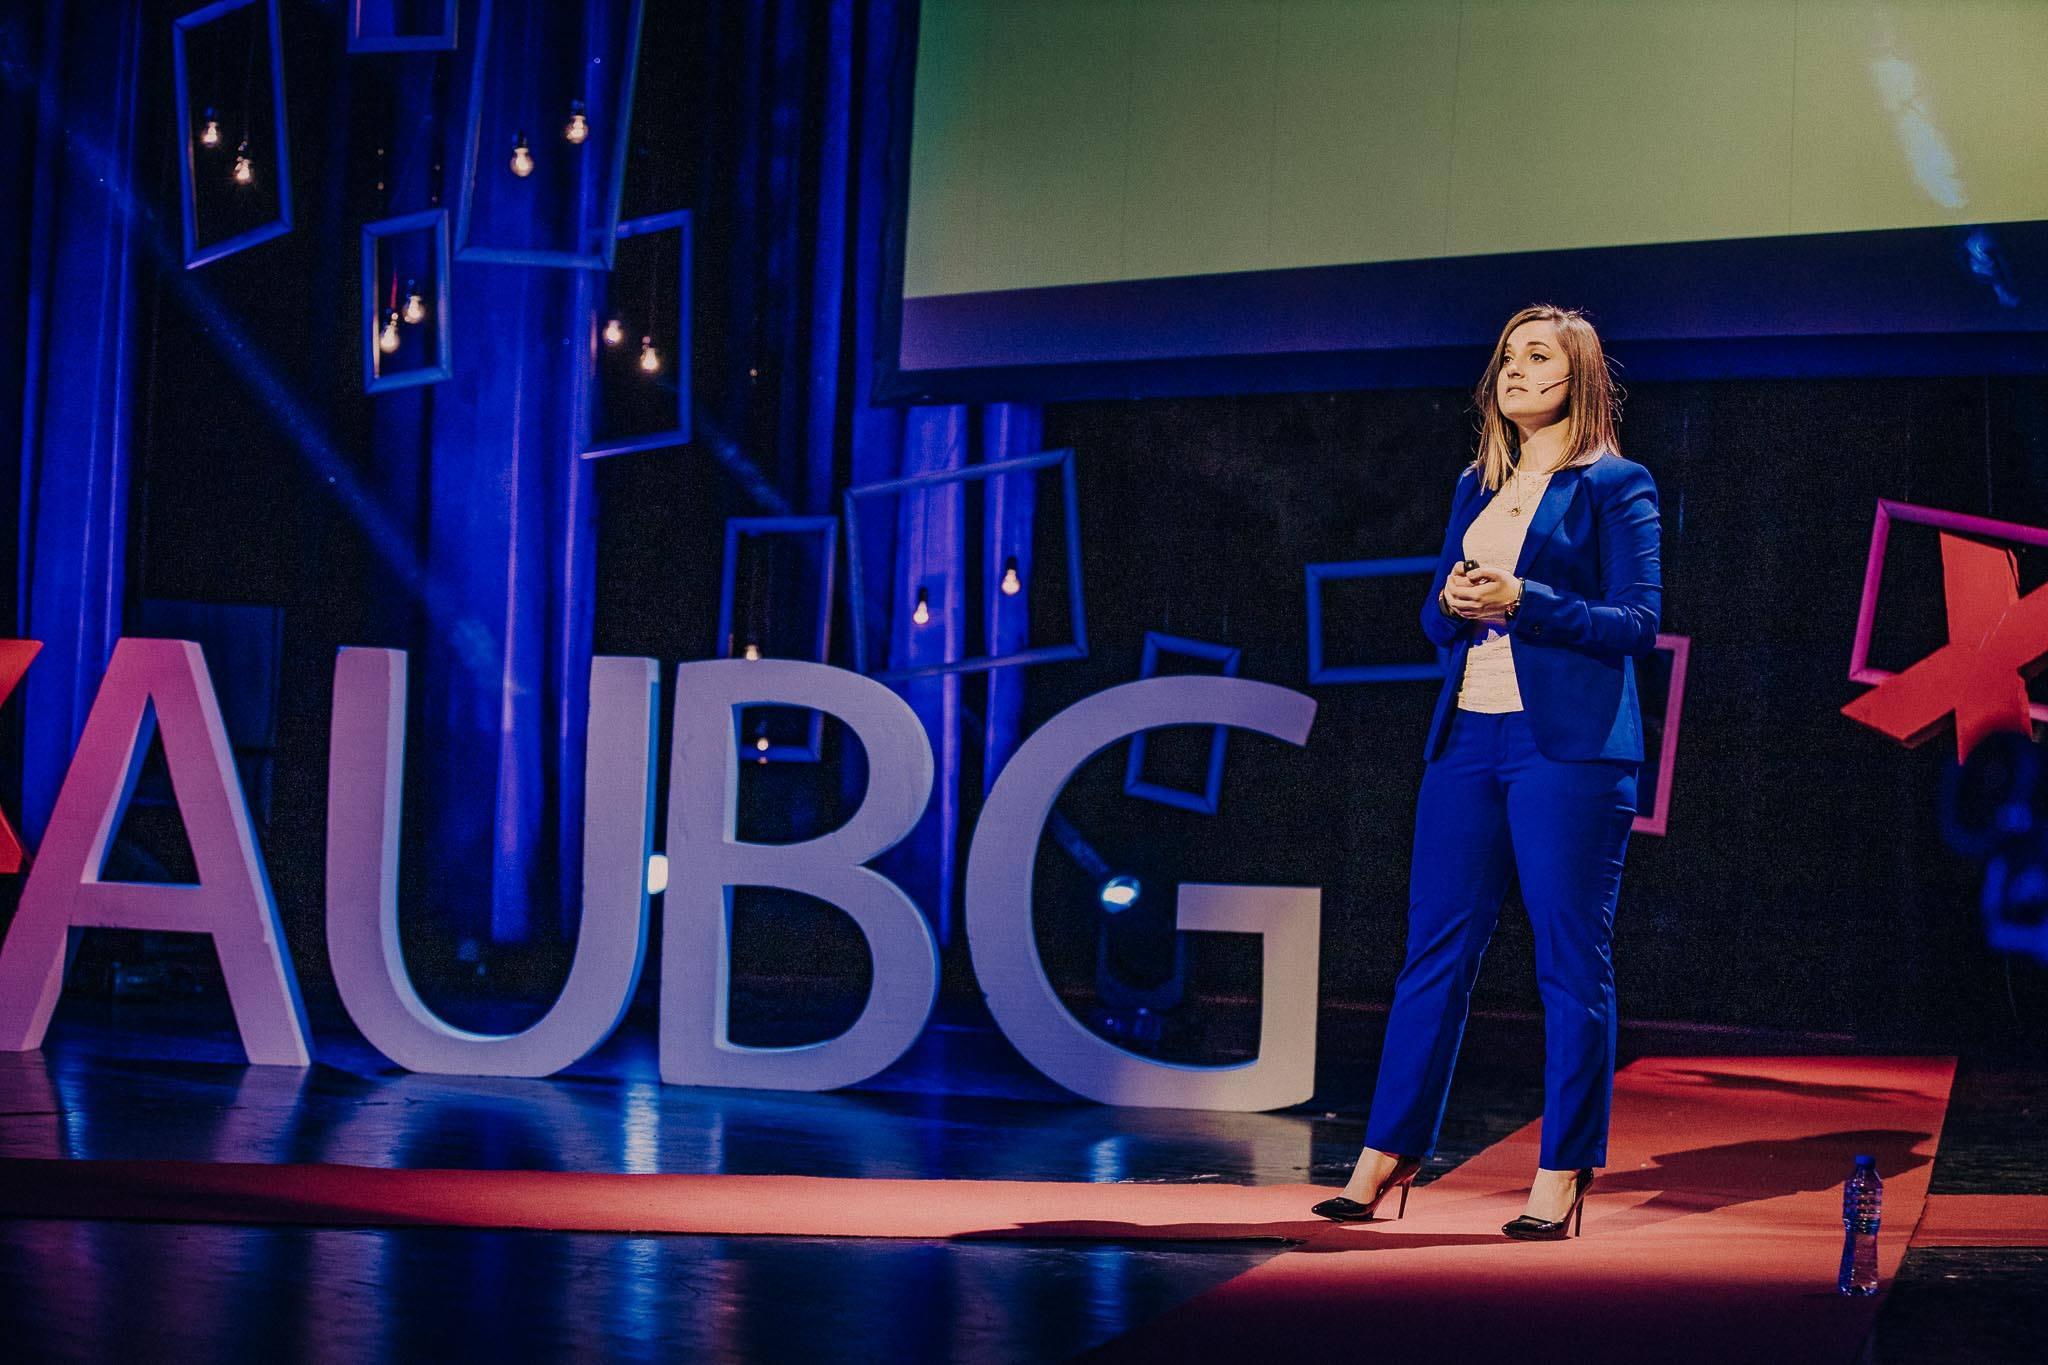 Ina Ivanova TEDx Speaker